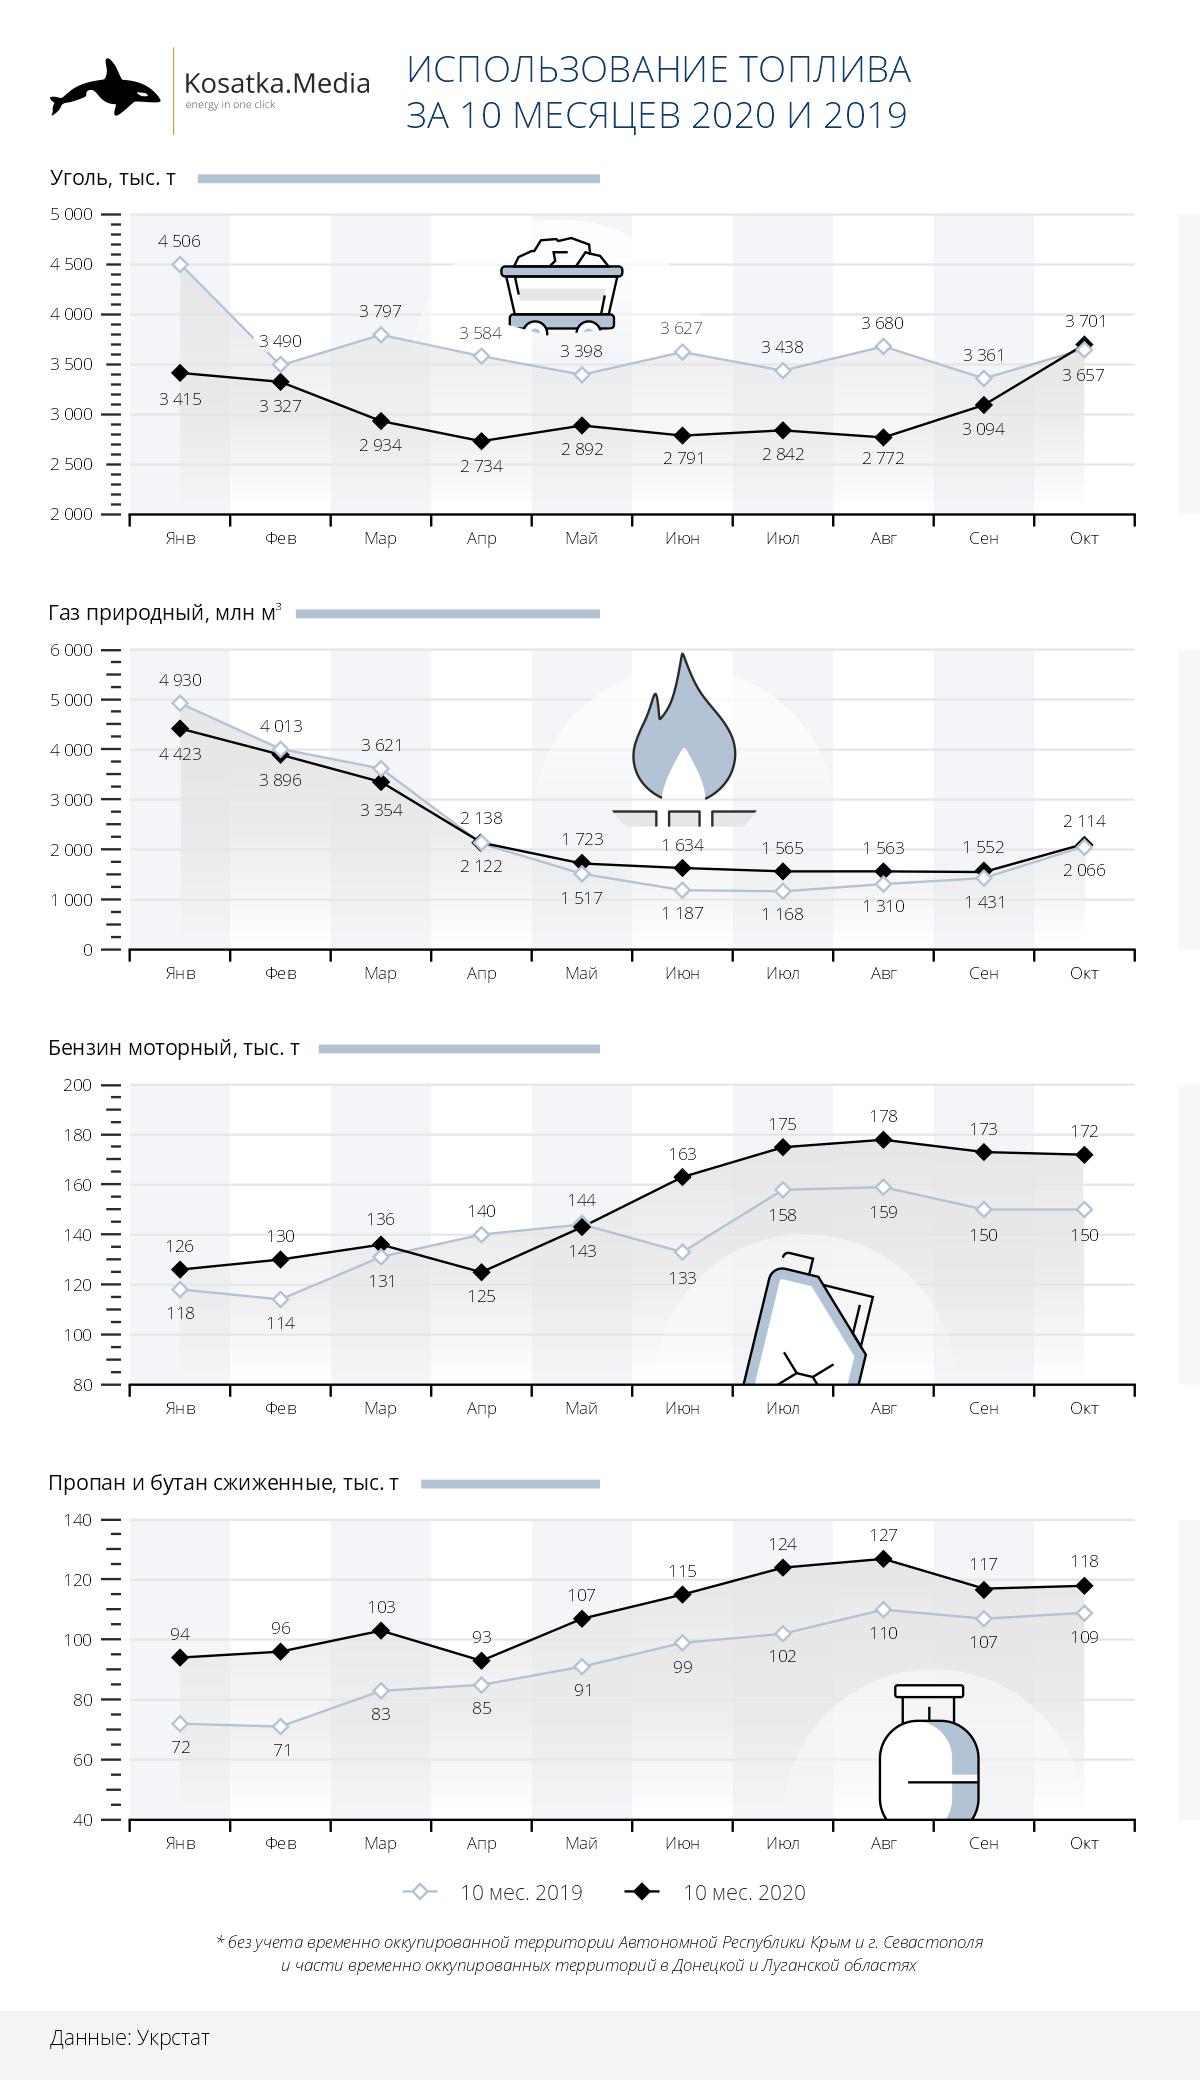 Украина сократила потребление угля и увеличила бензина